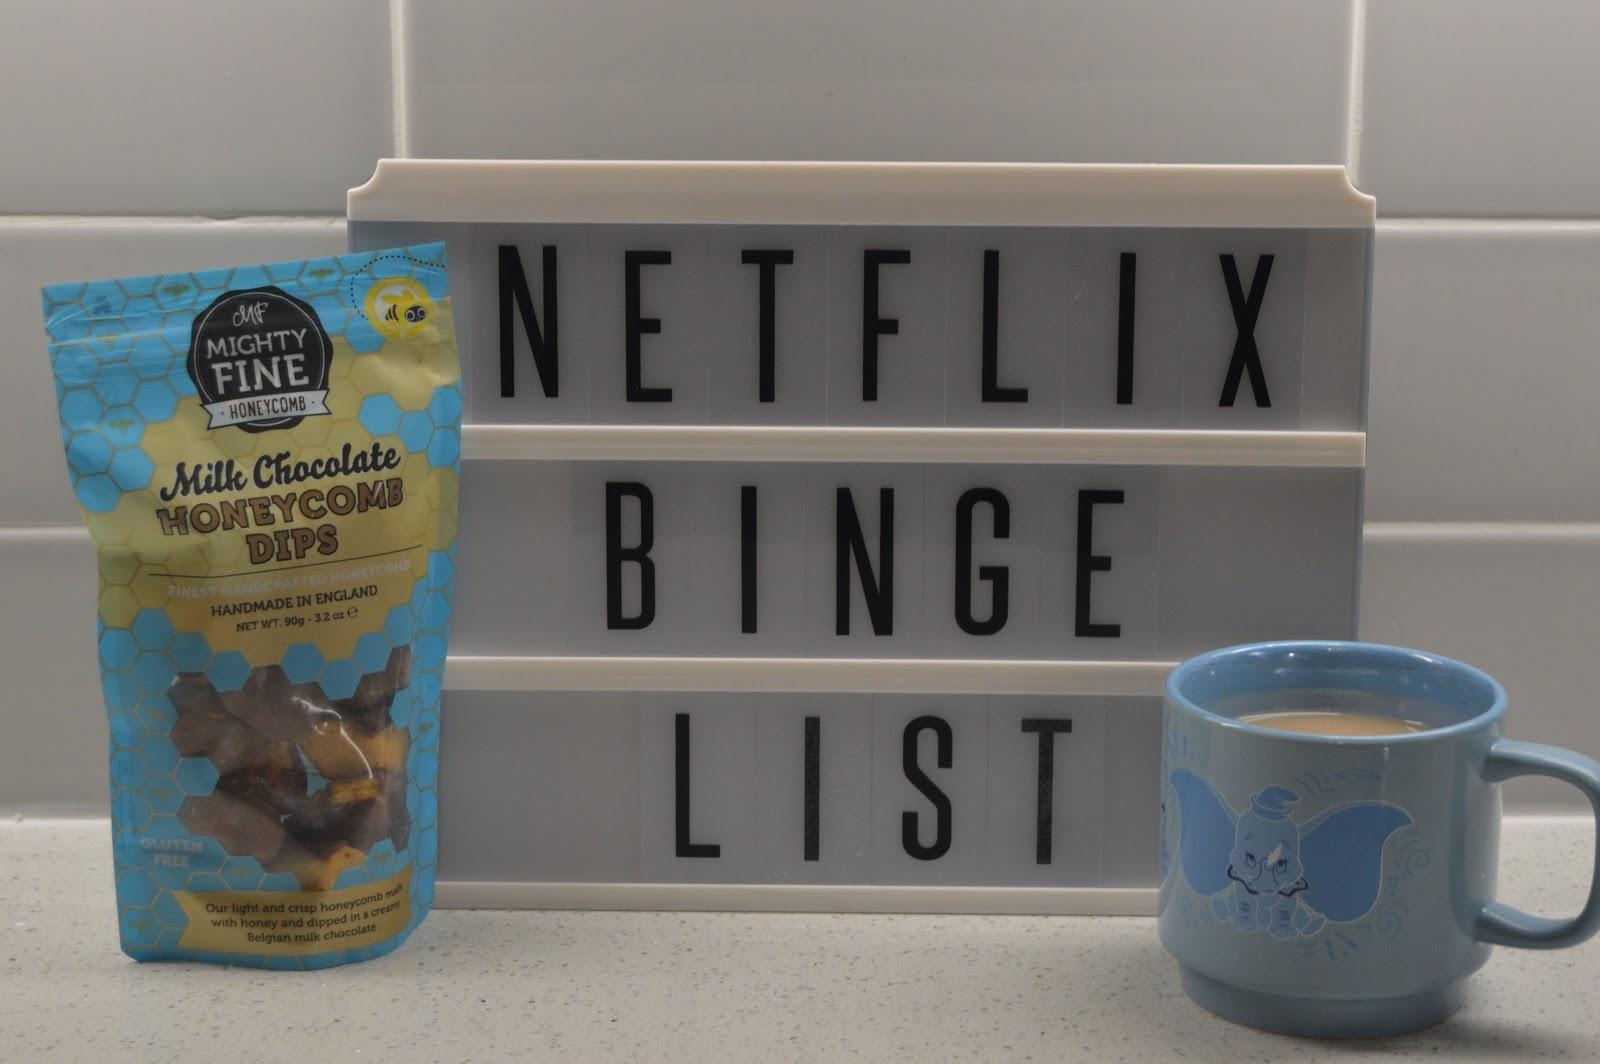 Netflix Binge List